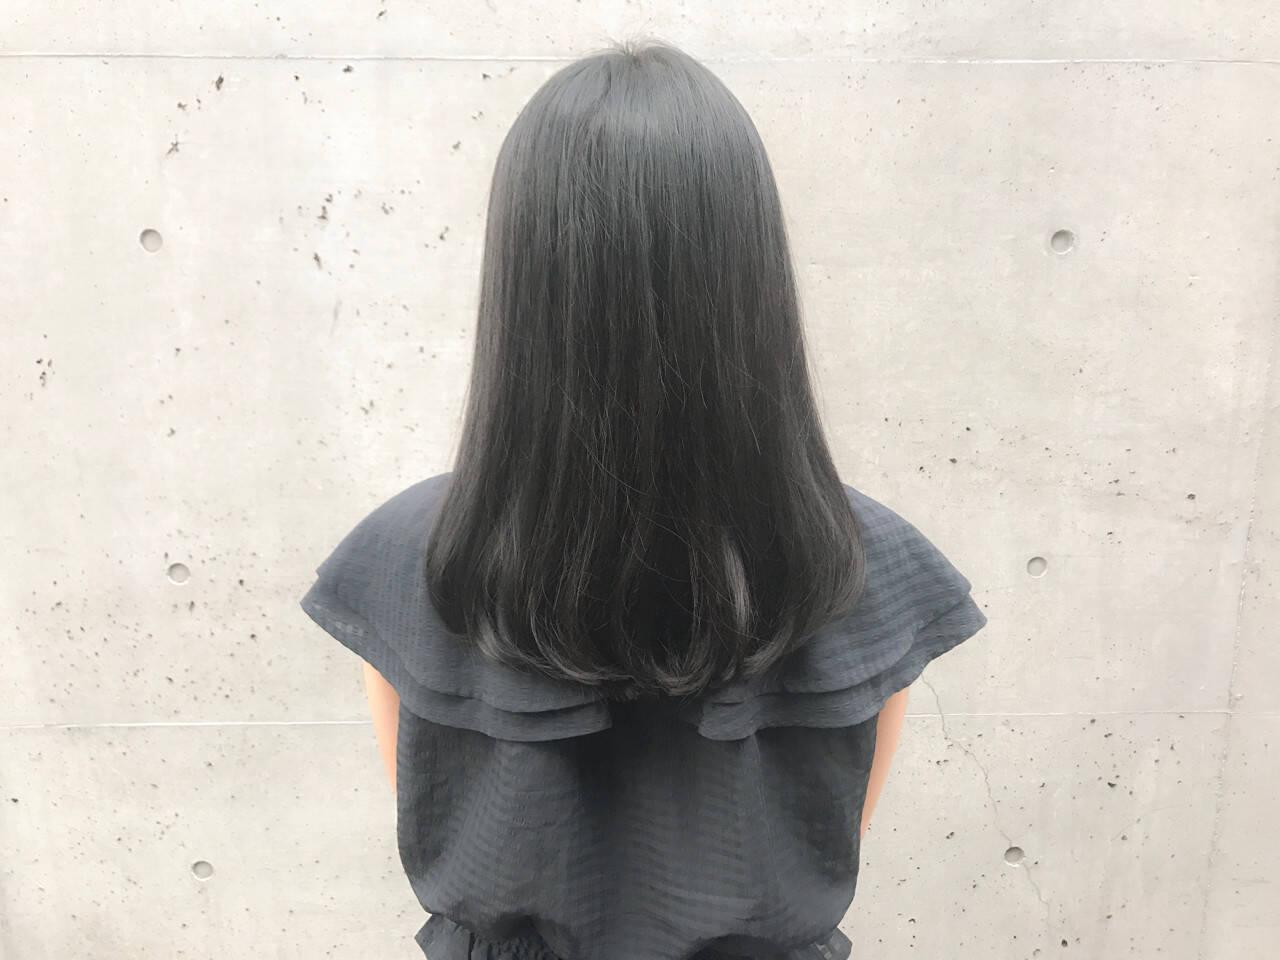 ミディアム 艶髪 ナチュラル デートヘアスタイルや髪型の写真・画像